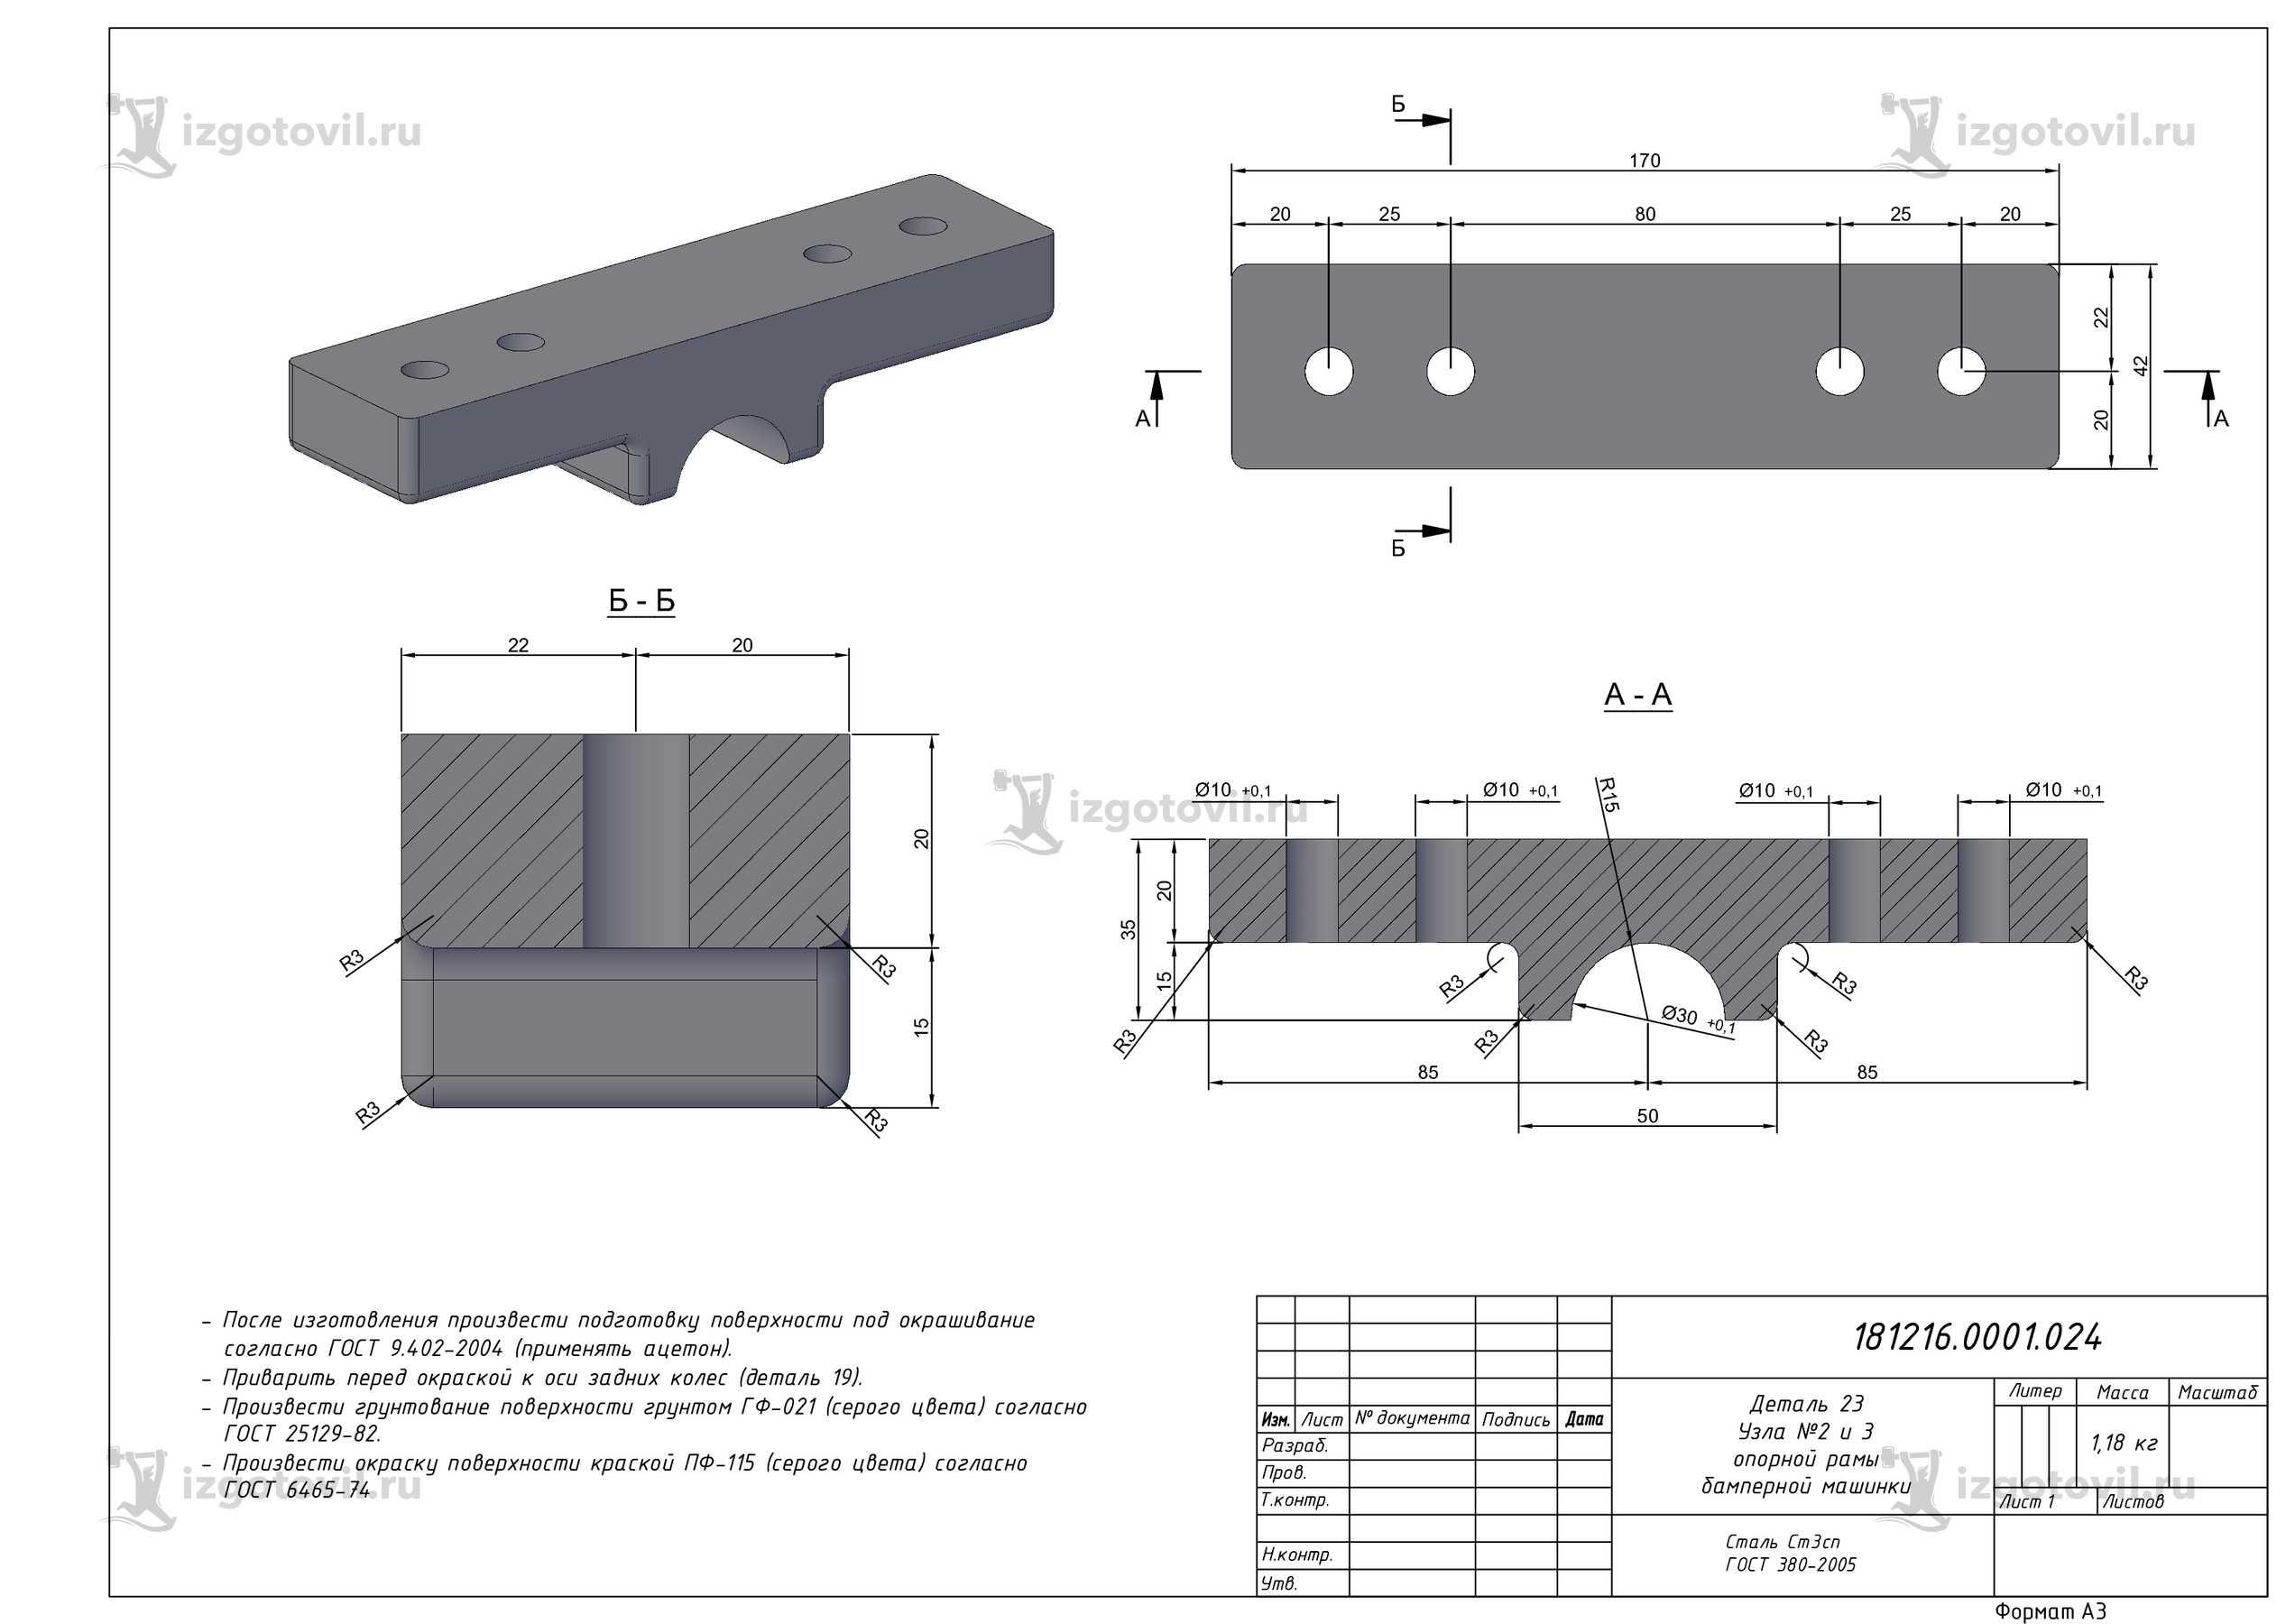 Фрезерная обработка: изготовление деталей